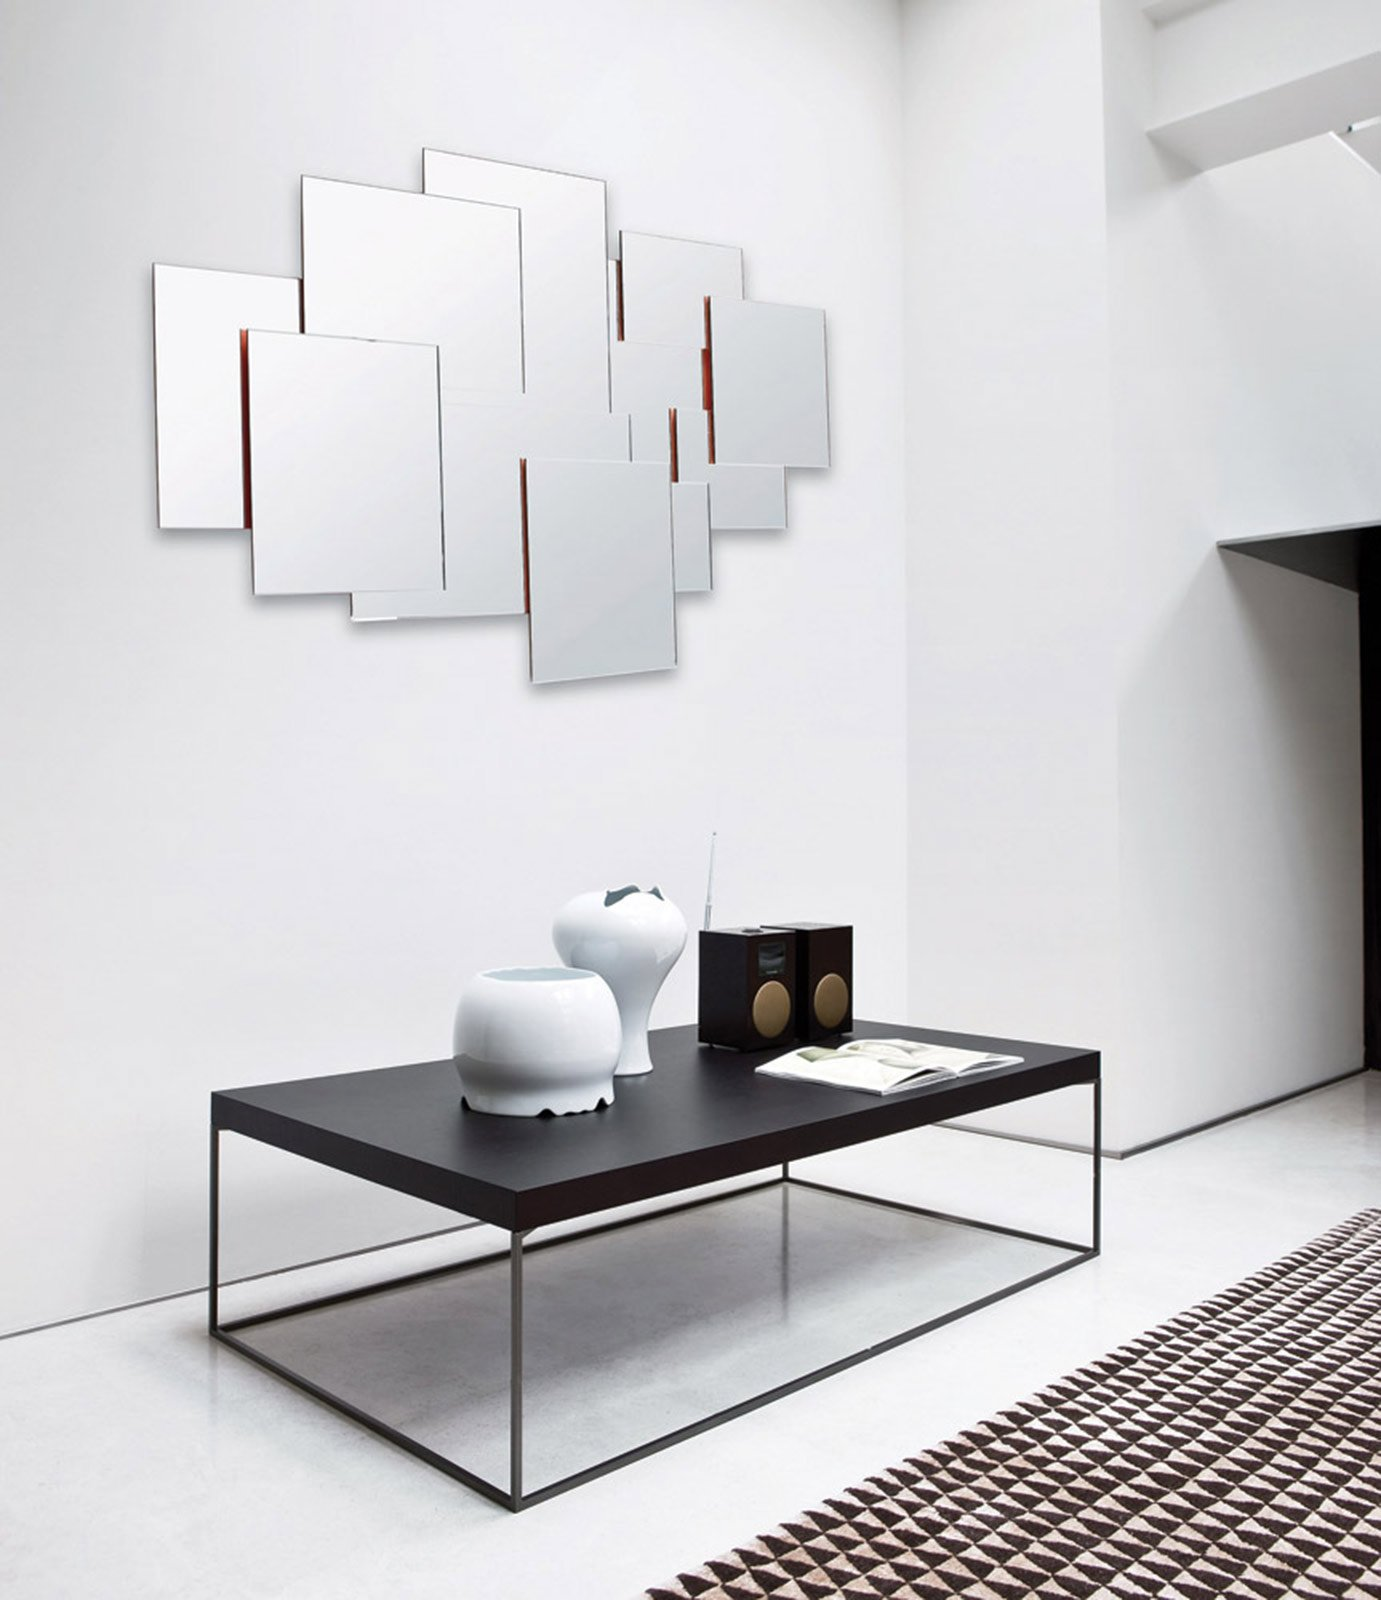 Specchi questione di riflessi cose di casa for Specchi da parete ikea